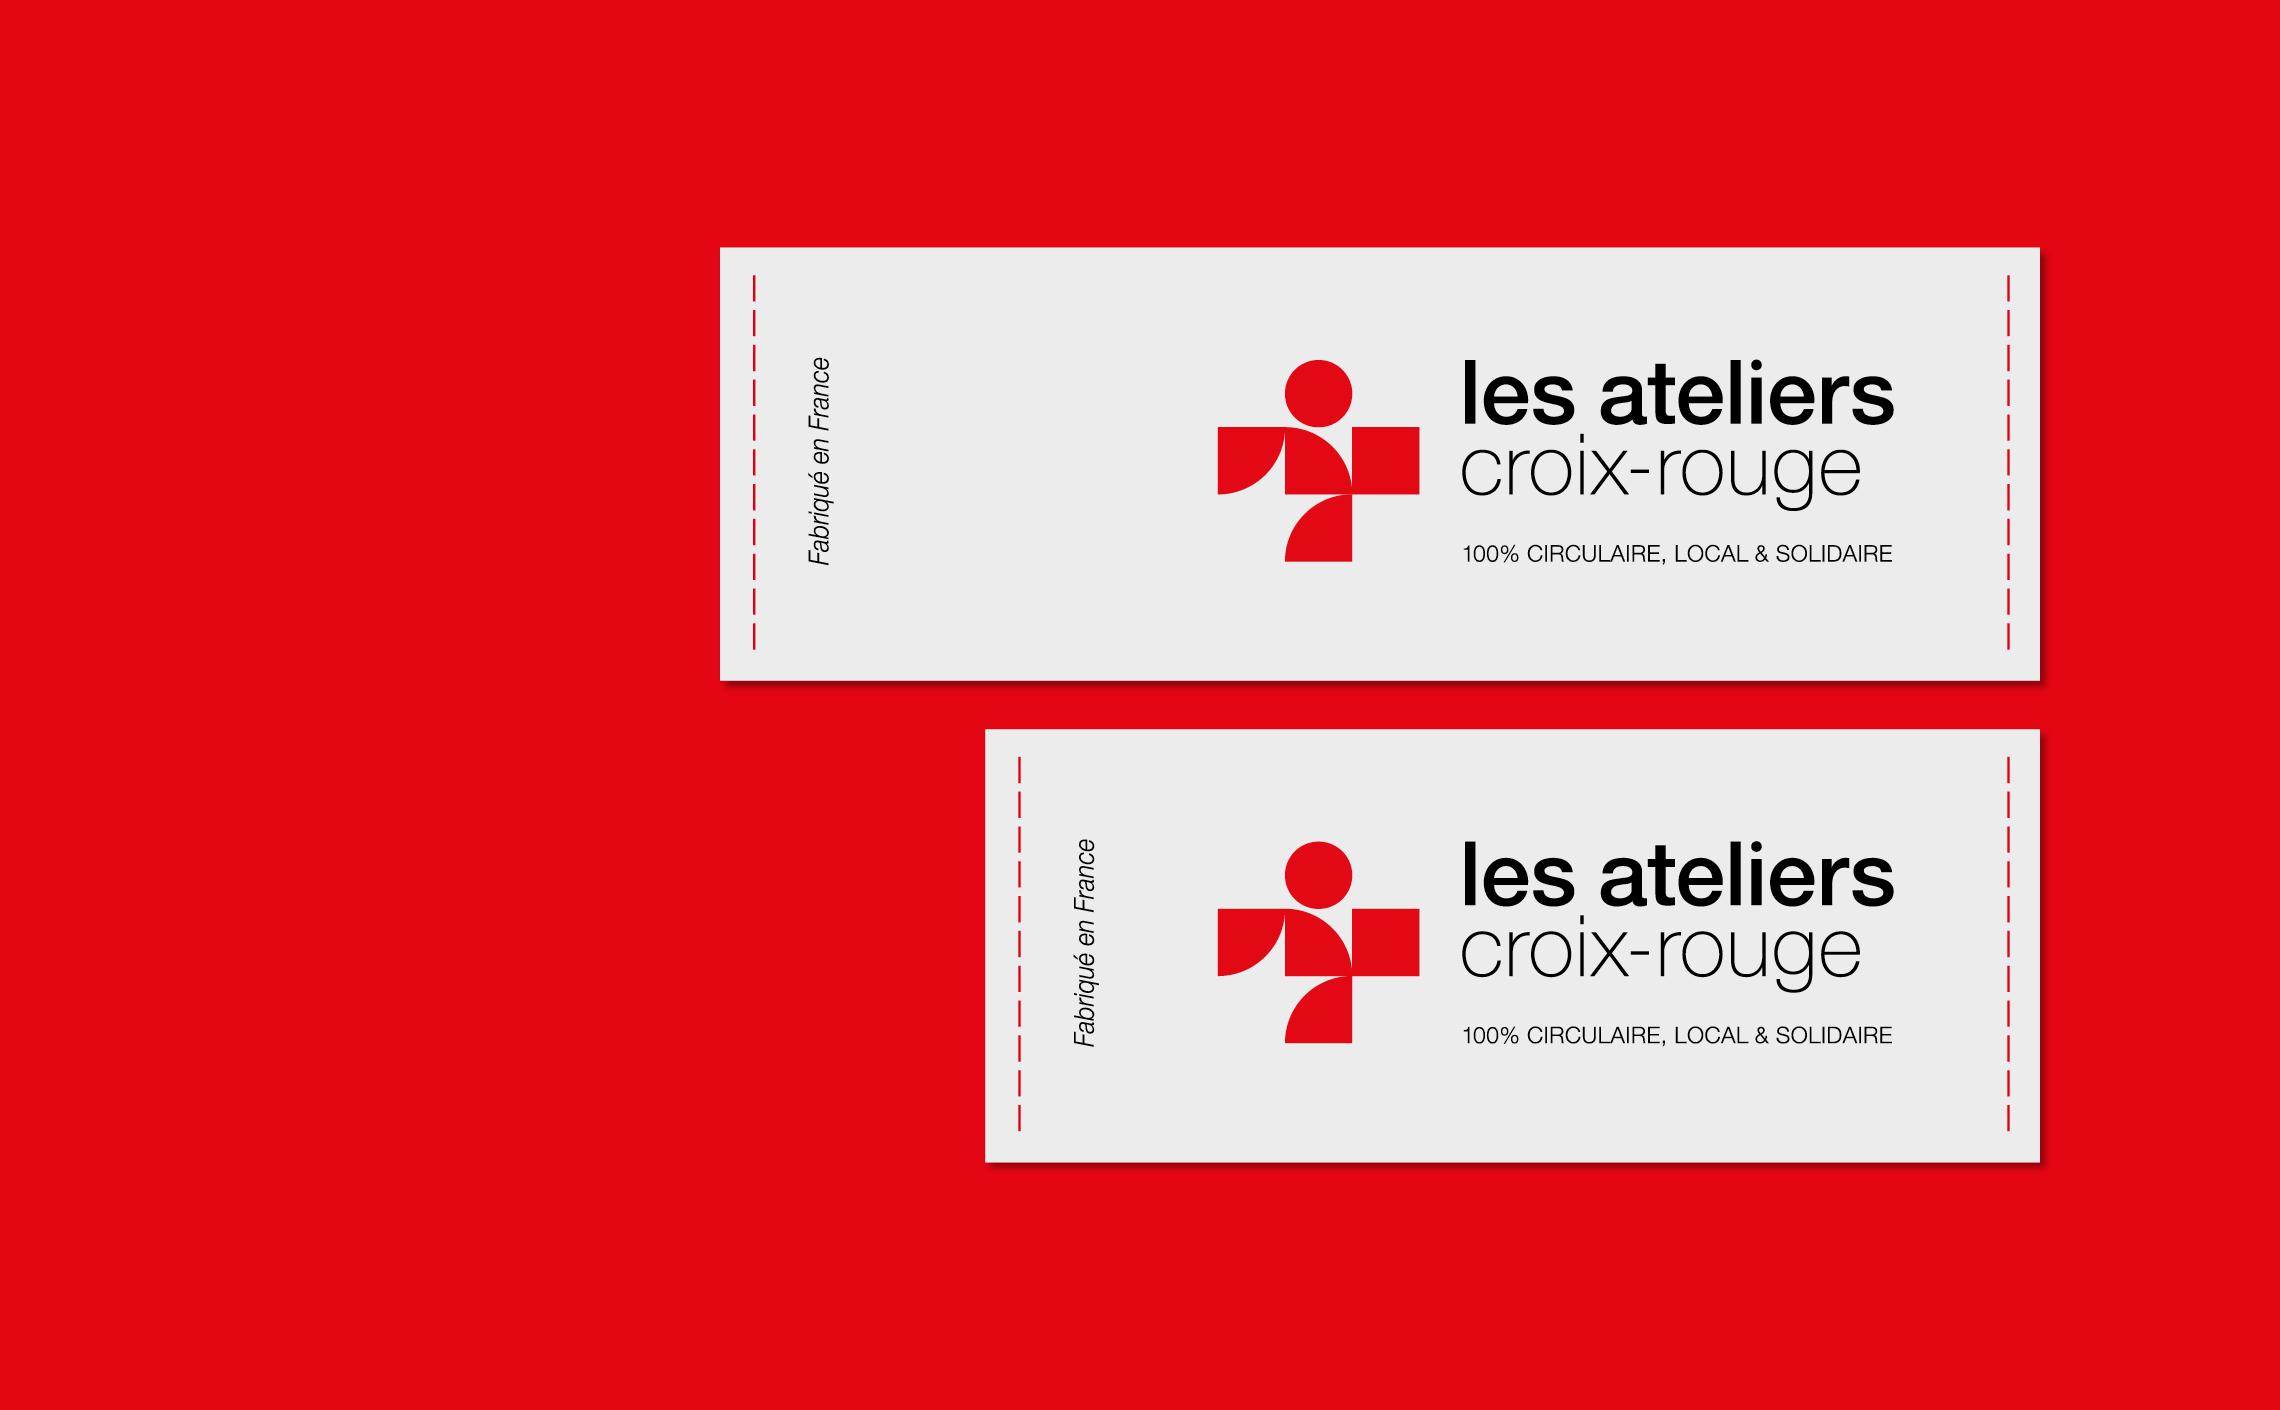 étiquettes crois-rouge ateliers